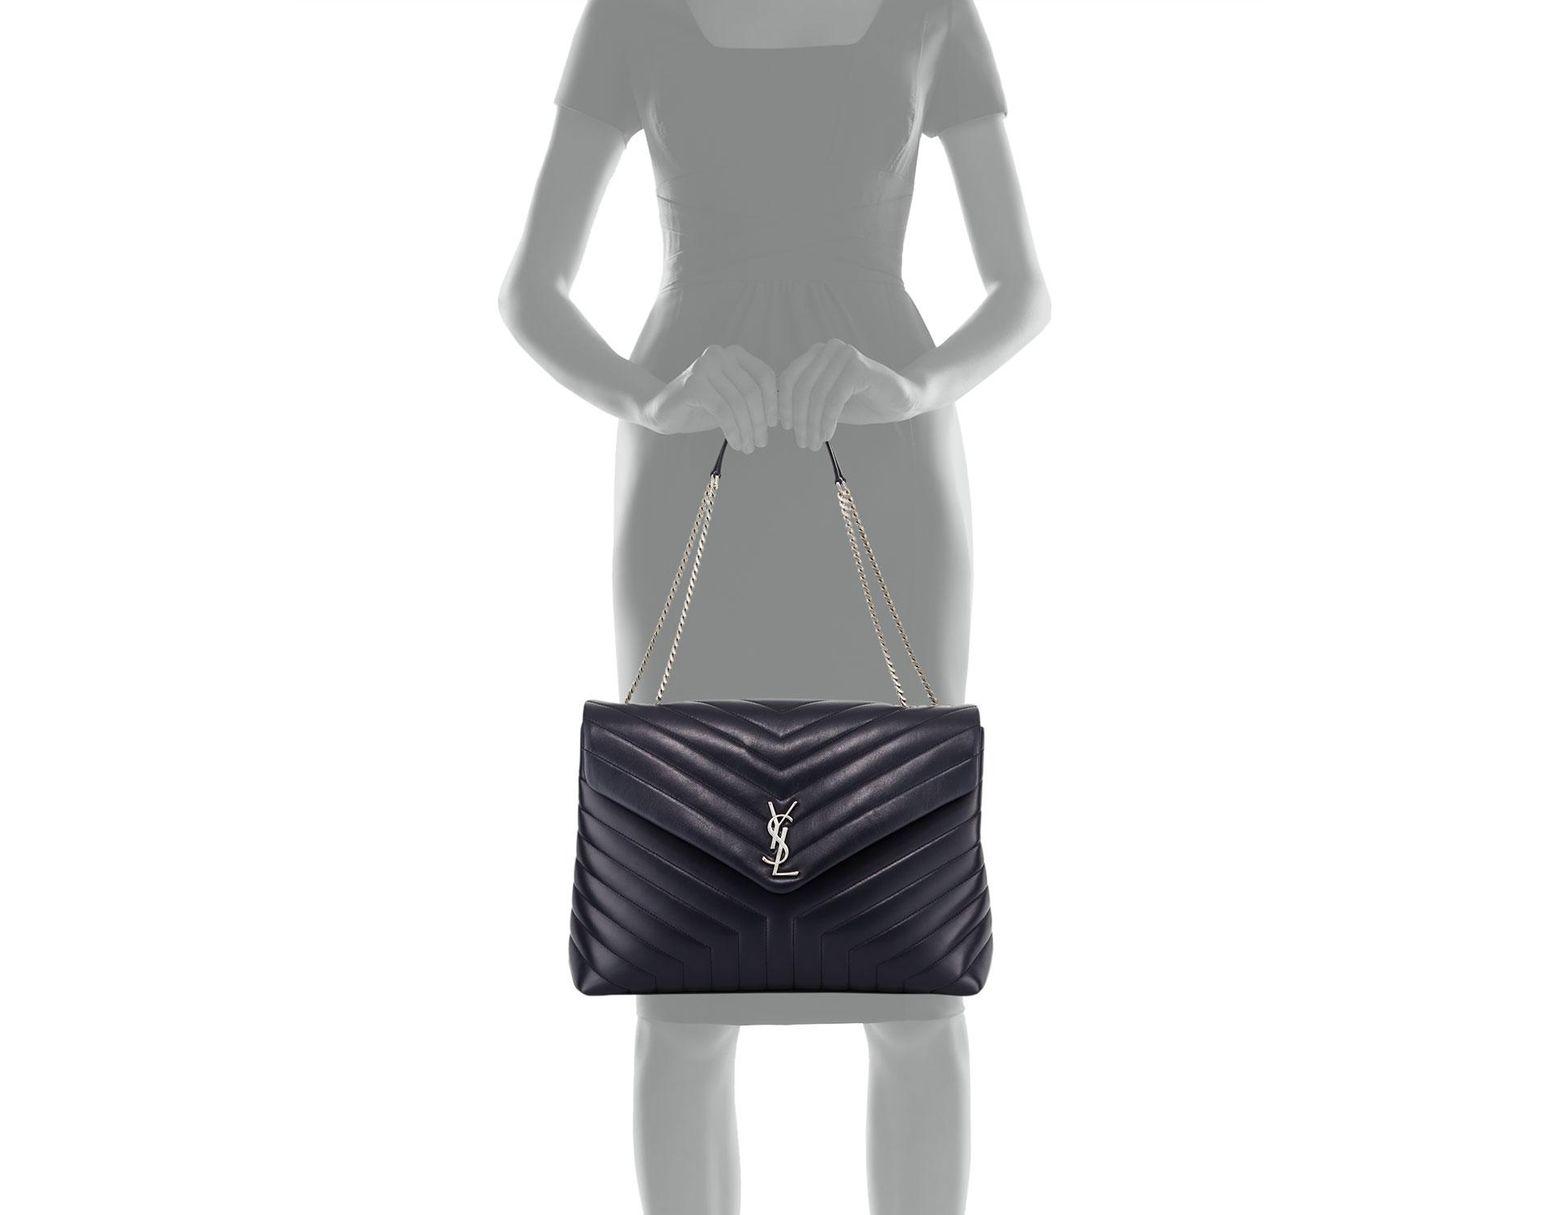 15be61a11a7 Saint Laurent Loulou Monogram Ysl Large V-flap Chain Shoulder Bag - Nickel  Oxide Hardware in Black - Save 2% - Lyst